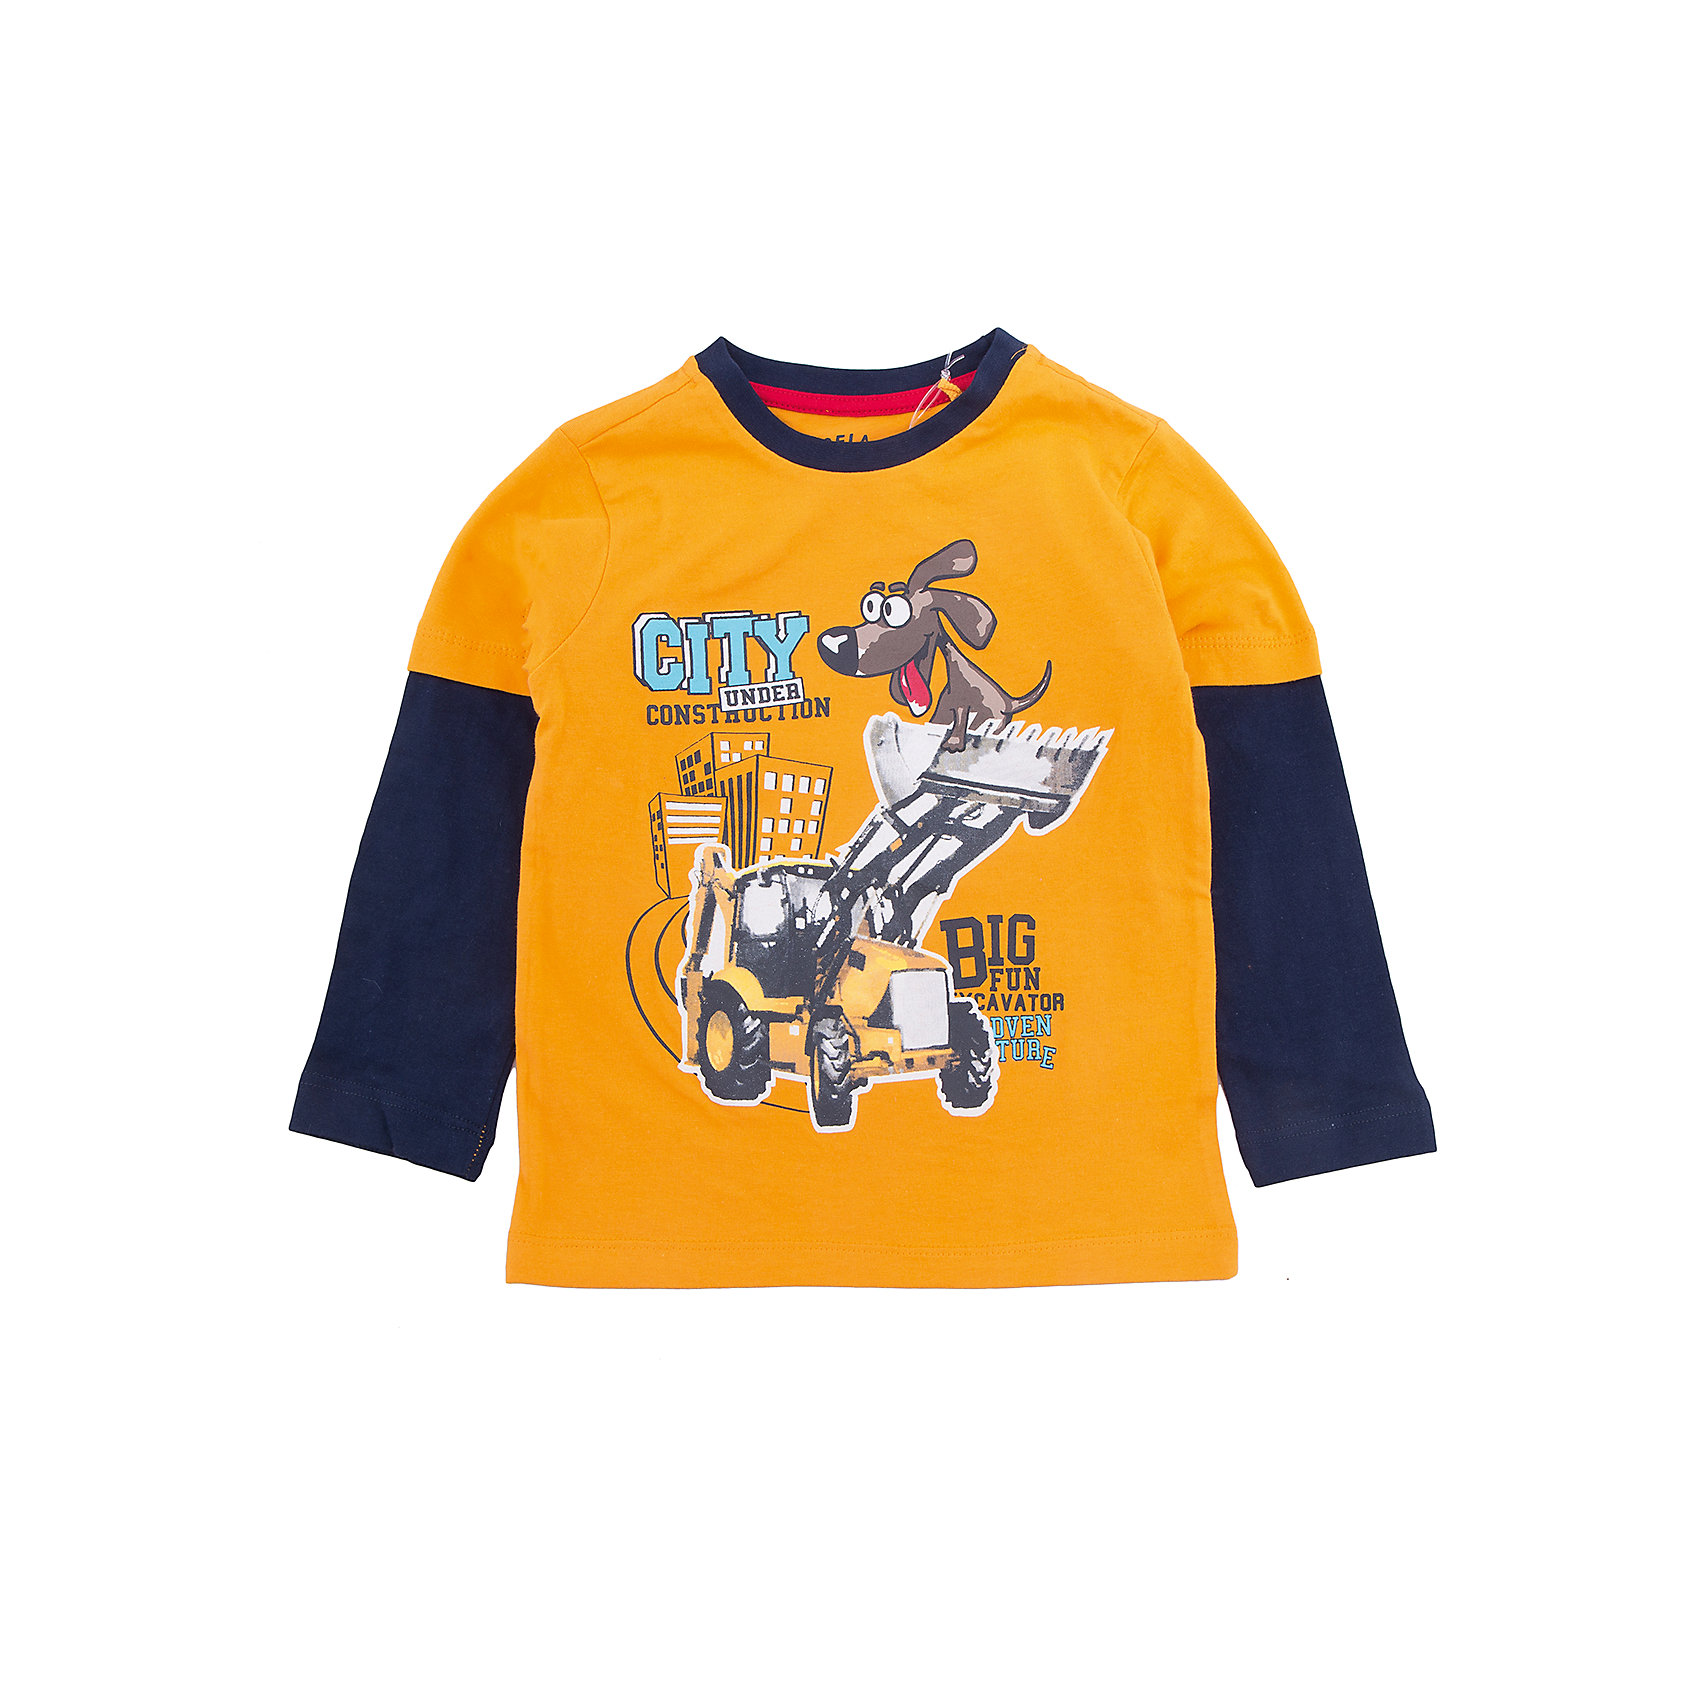 Футболка с длинным рукавом для мальчика SELAХарактеристики товара:<br><br>• цвет: оранжевый/синий<br>• состав: 100% хлопок<br>• декорирована принтом<br>• длинные рукава<br>• округлый горловой вырез<br>• коллекция весна-лето 2017<br>• страна бренда: Российская Федерация<br><br>В новой коллекции SELA отличные модели одежды! Эта футболка с длинным рукавом для мальчика поможет разнообразить гардероб ребенка и обеспечить комфорт. Она отлично сочетается с джинсами и брюками. Стильная и удобная вещь!<br><br>Одежда, обувь и аксессуары от российского бренда SELA не зря пользуются большой популярностью у детей и взрослых! Модели этой марки - стильные и удобные, цена при этом неизменно остается доступной. Для их производства используются только безопасные, качественные материалы и фурнитура. Новая коллекция поддерживает хорошие традиции бренда! <br><br>Футболку с длинным рукавом для мальчика от популярного бренда SELA (СЕЛА) можно купить в нашем интернет-магазине.<br><br>Ширина мм: 190<br>Глубина мм: 74<br>Высота мм: 229<br>Вес г: 236<br>Цвет: желтый<br>Возраст от месяцев: 60<br>Возраст до месяцев: 72<br>Пол: Мужской<br>Возраст: Детский<br>Размер: 116,104,92,98,110<br>SKU: 5306775